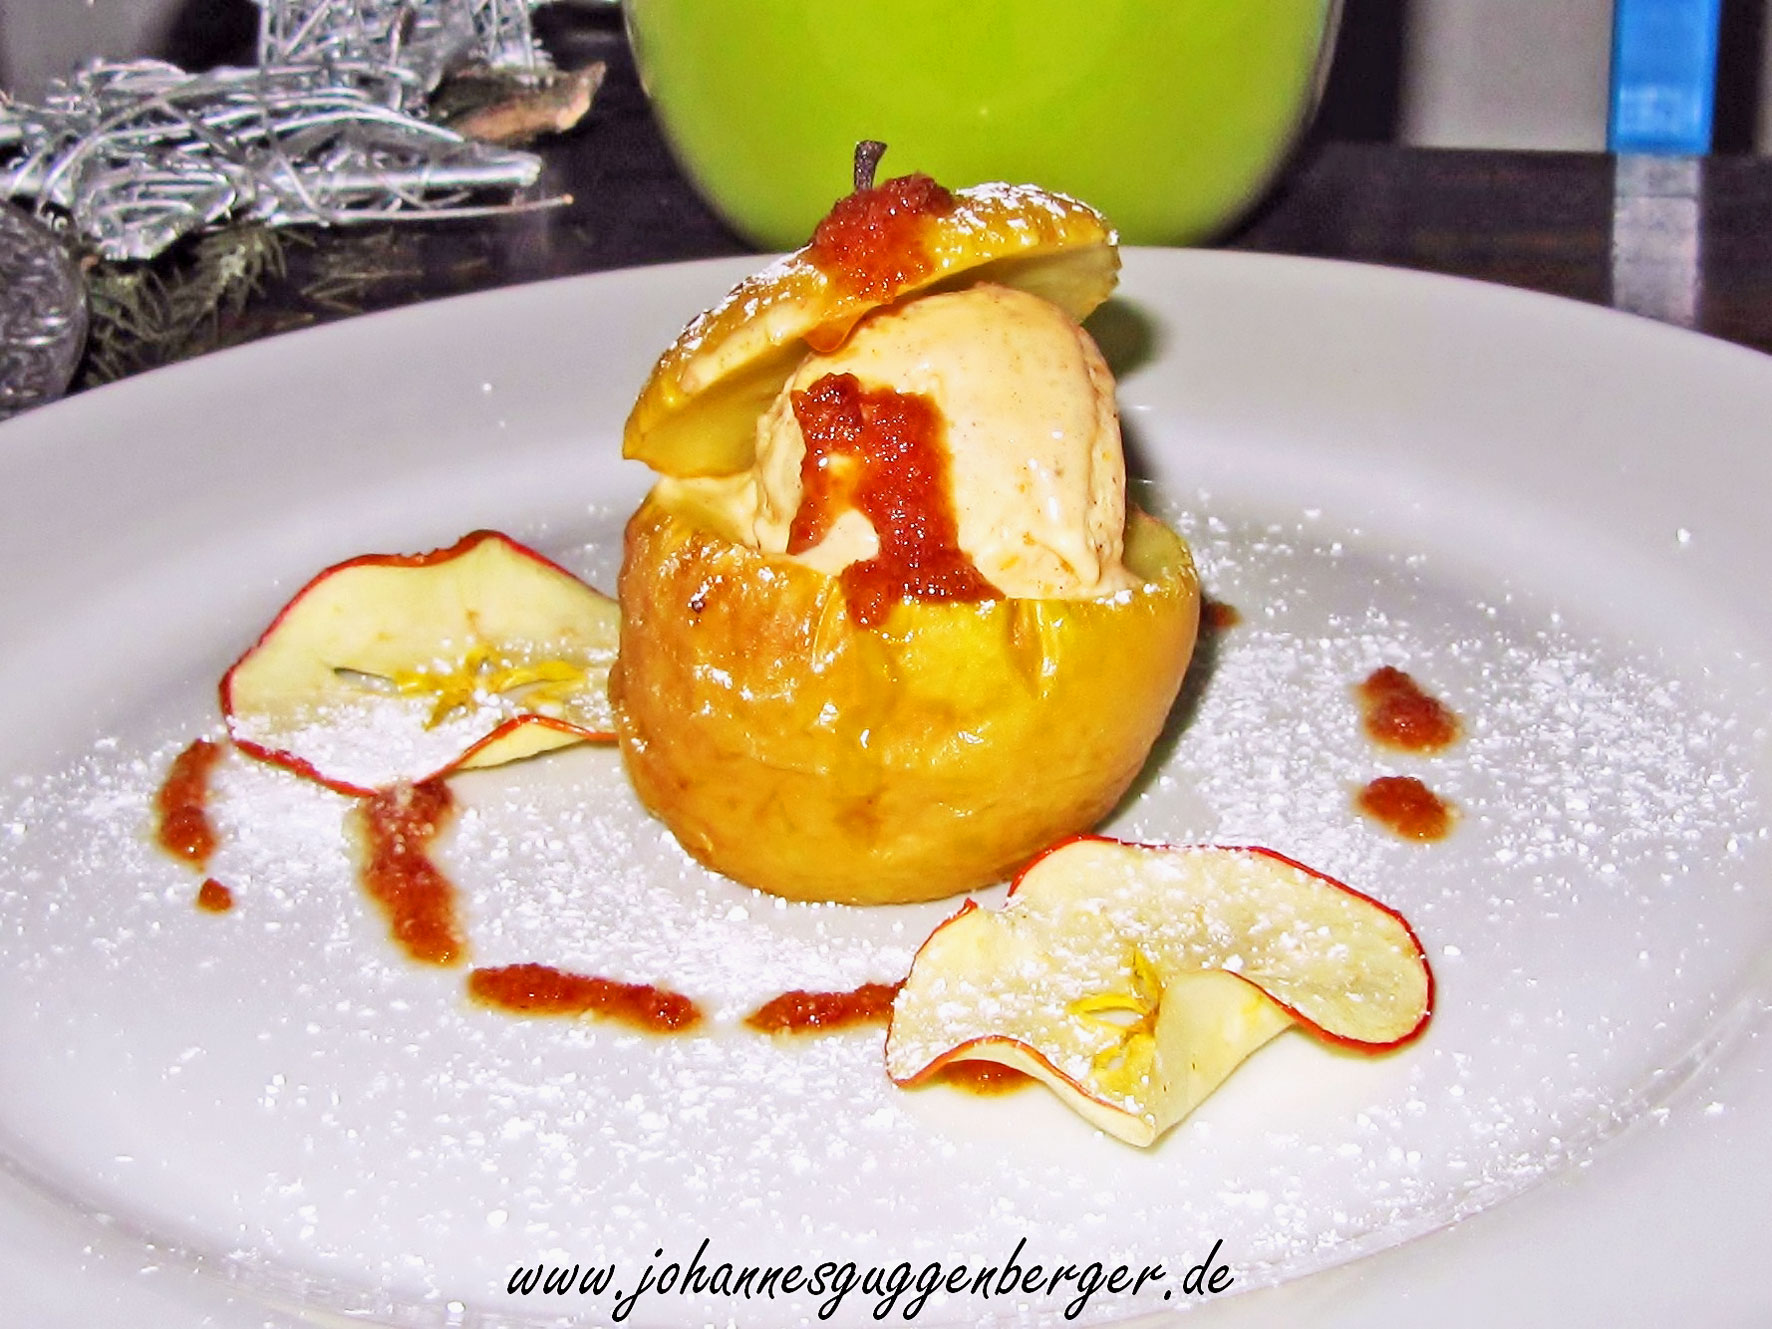 Eine winterliche Traumhochzeit: Bratapfel gefüllt mit Walnuss-Zimt-Parfait